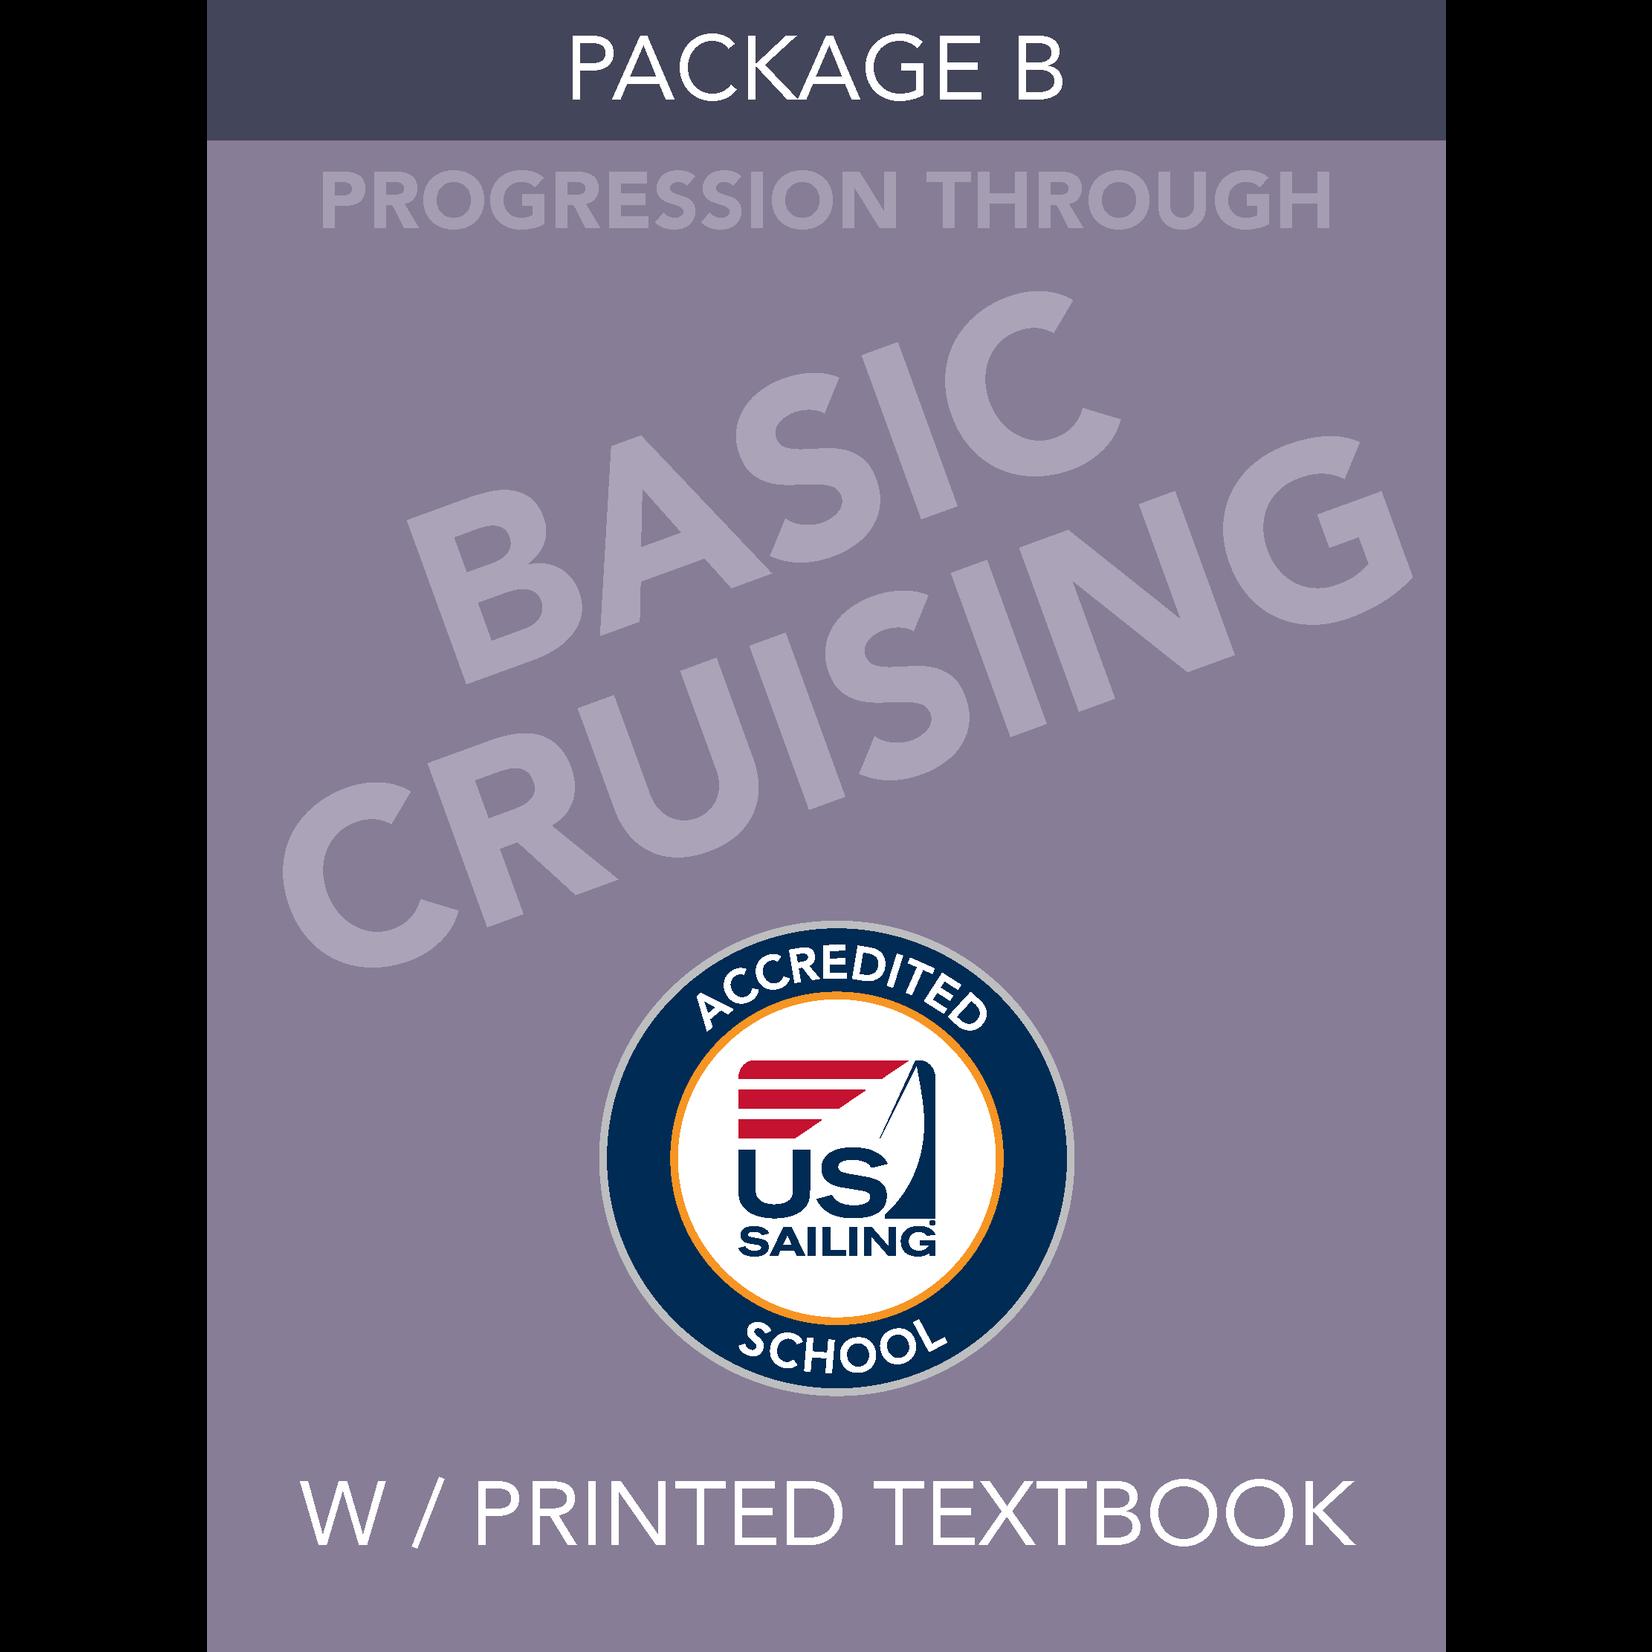 Package B- Basic Cruising